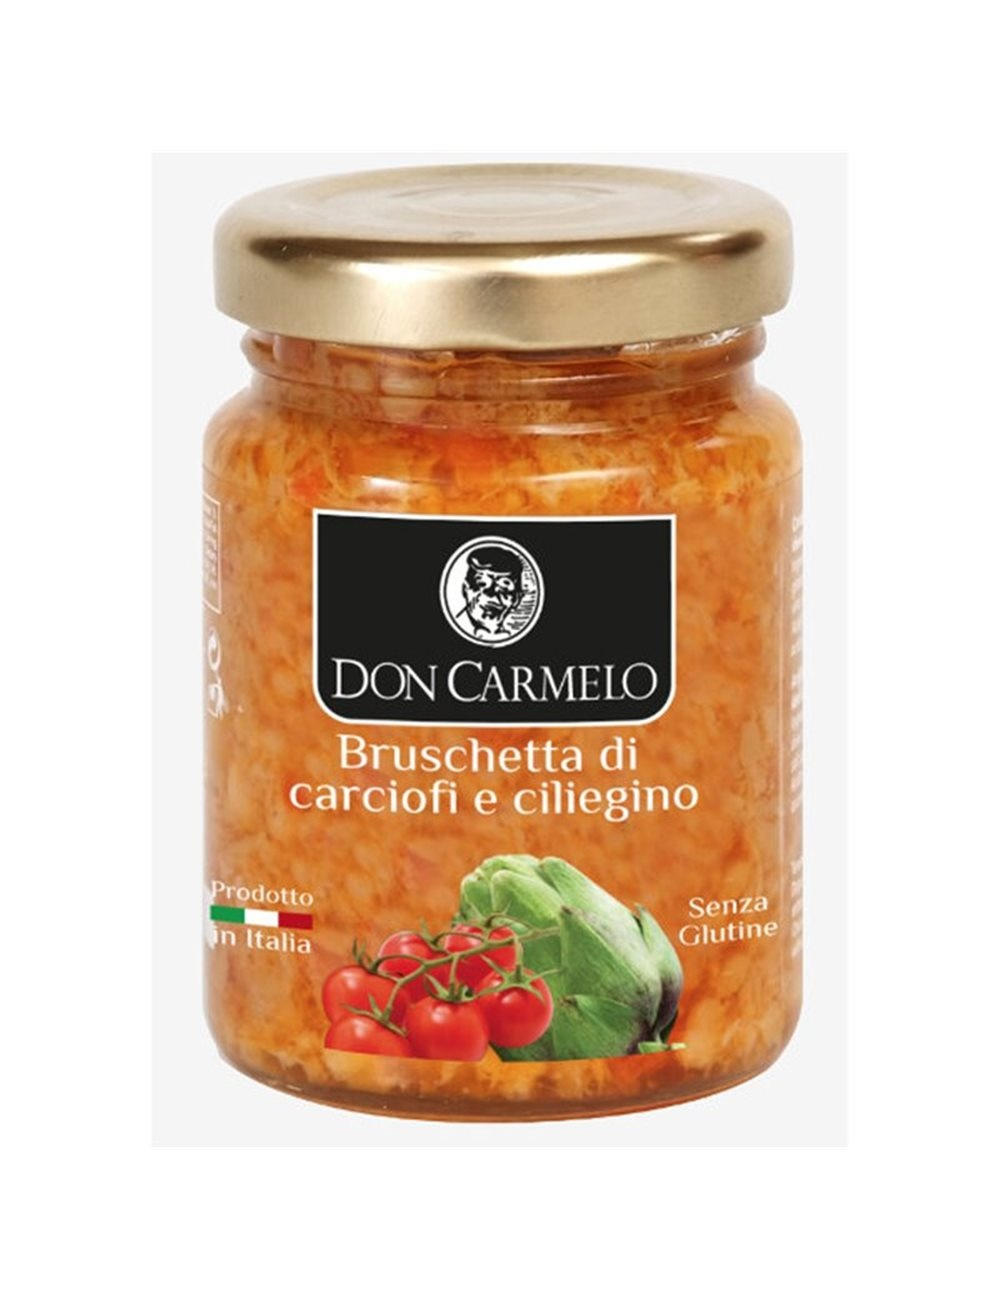 Don Carmelo Bruschetta di Carciofi e ciliegino 100gr